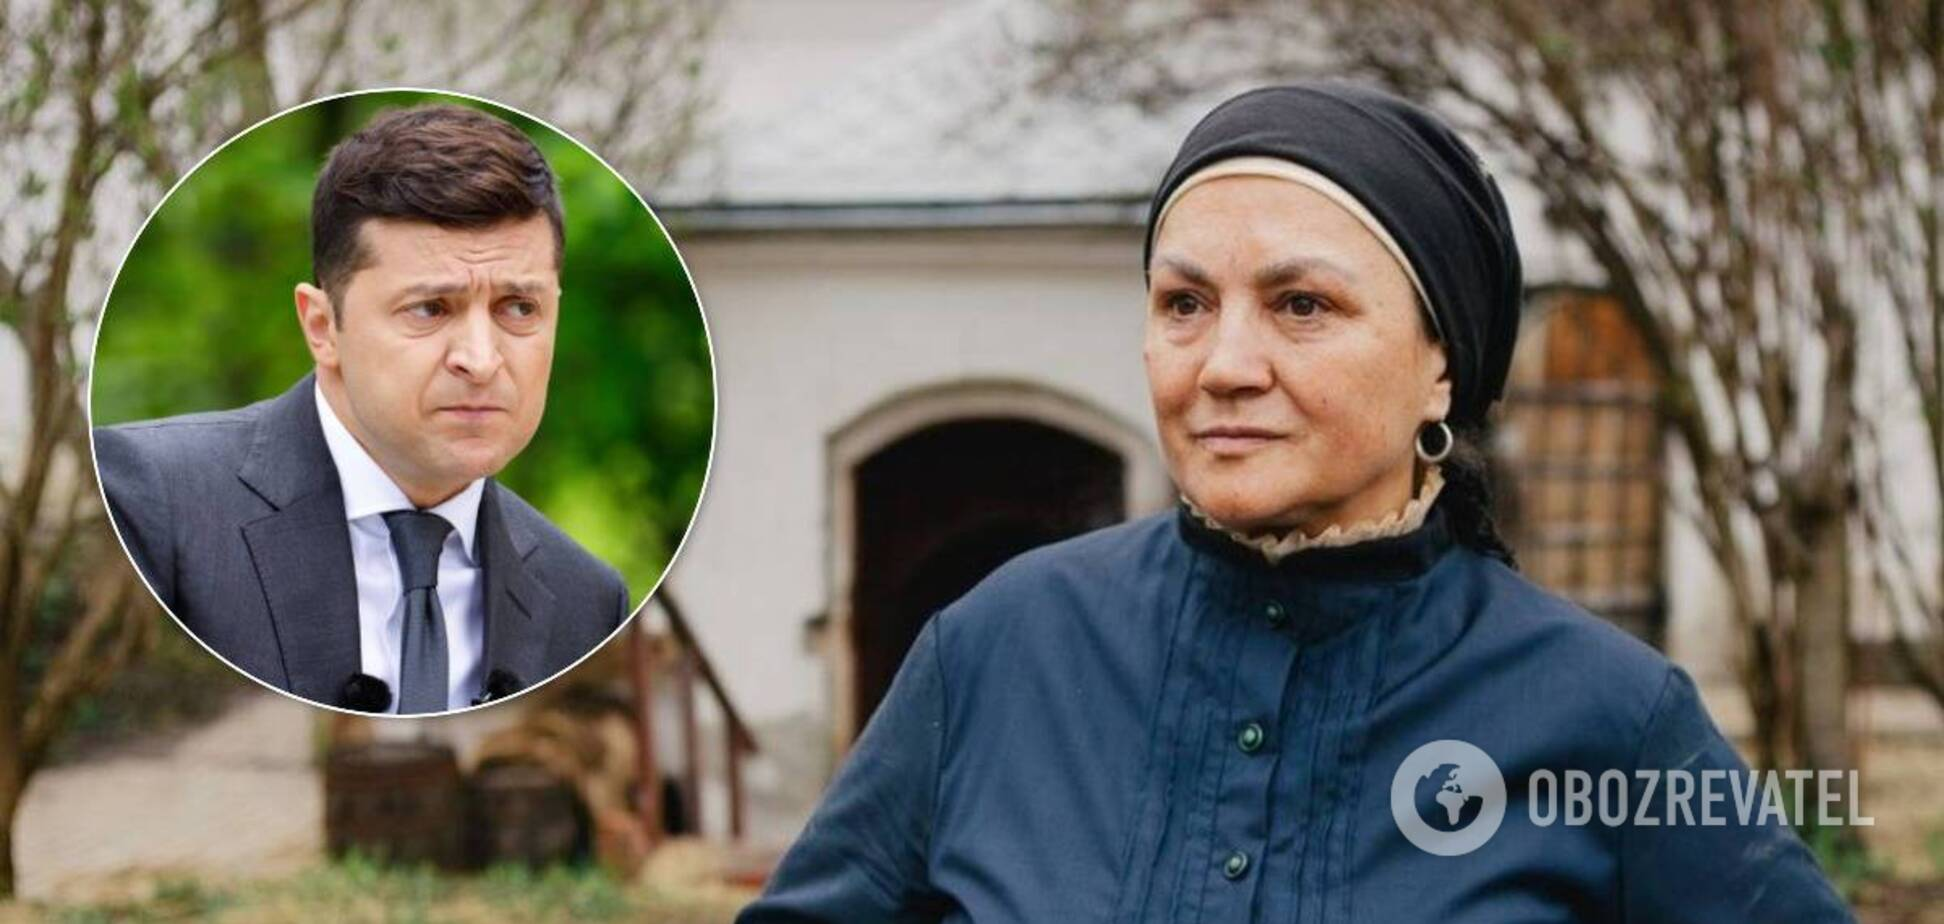 Наталья Сумская рассказала, как работала с Зеленским